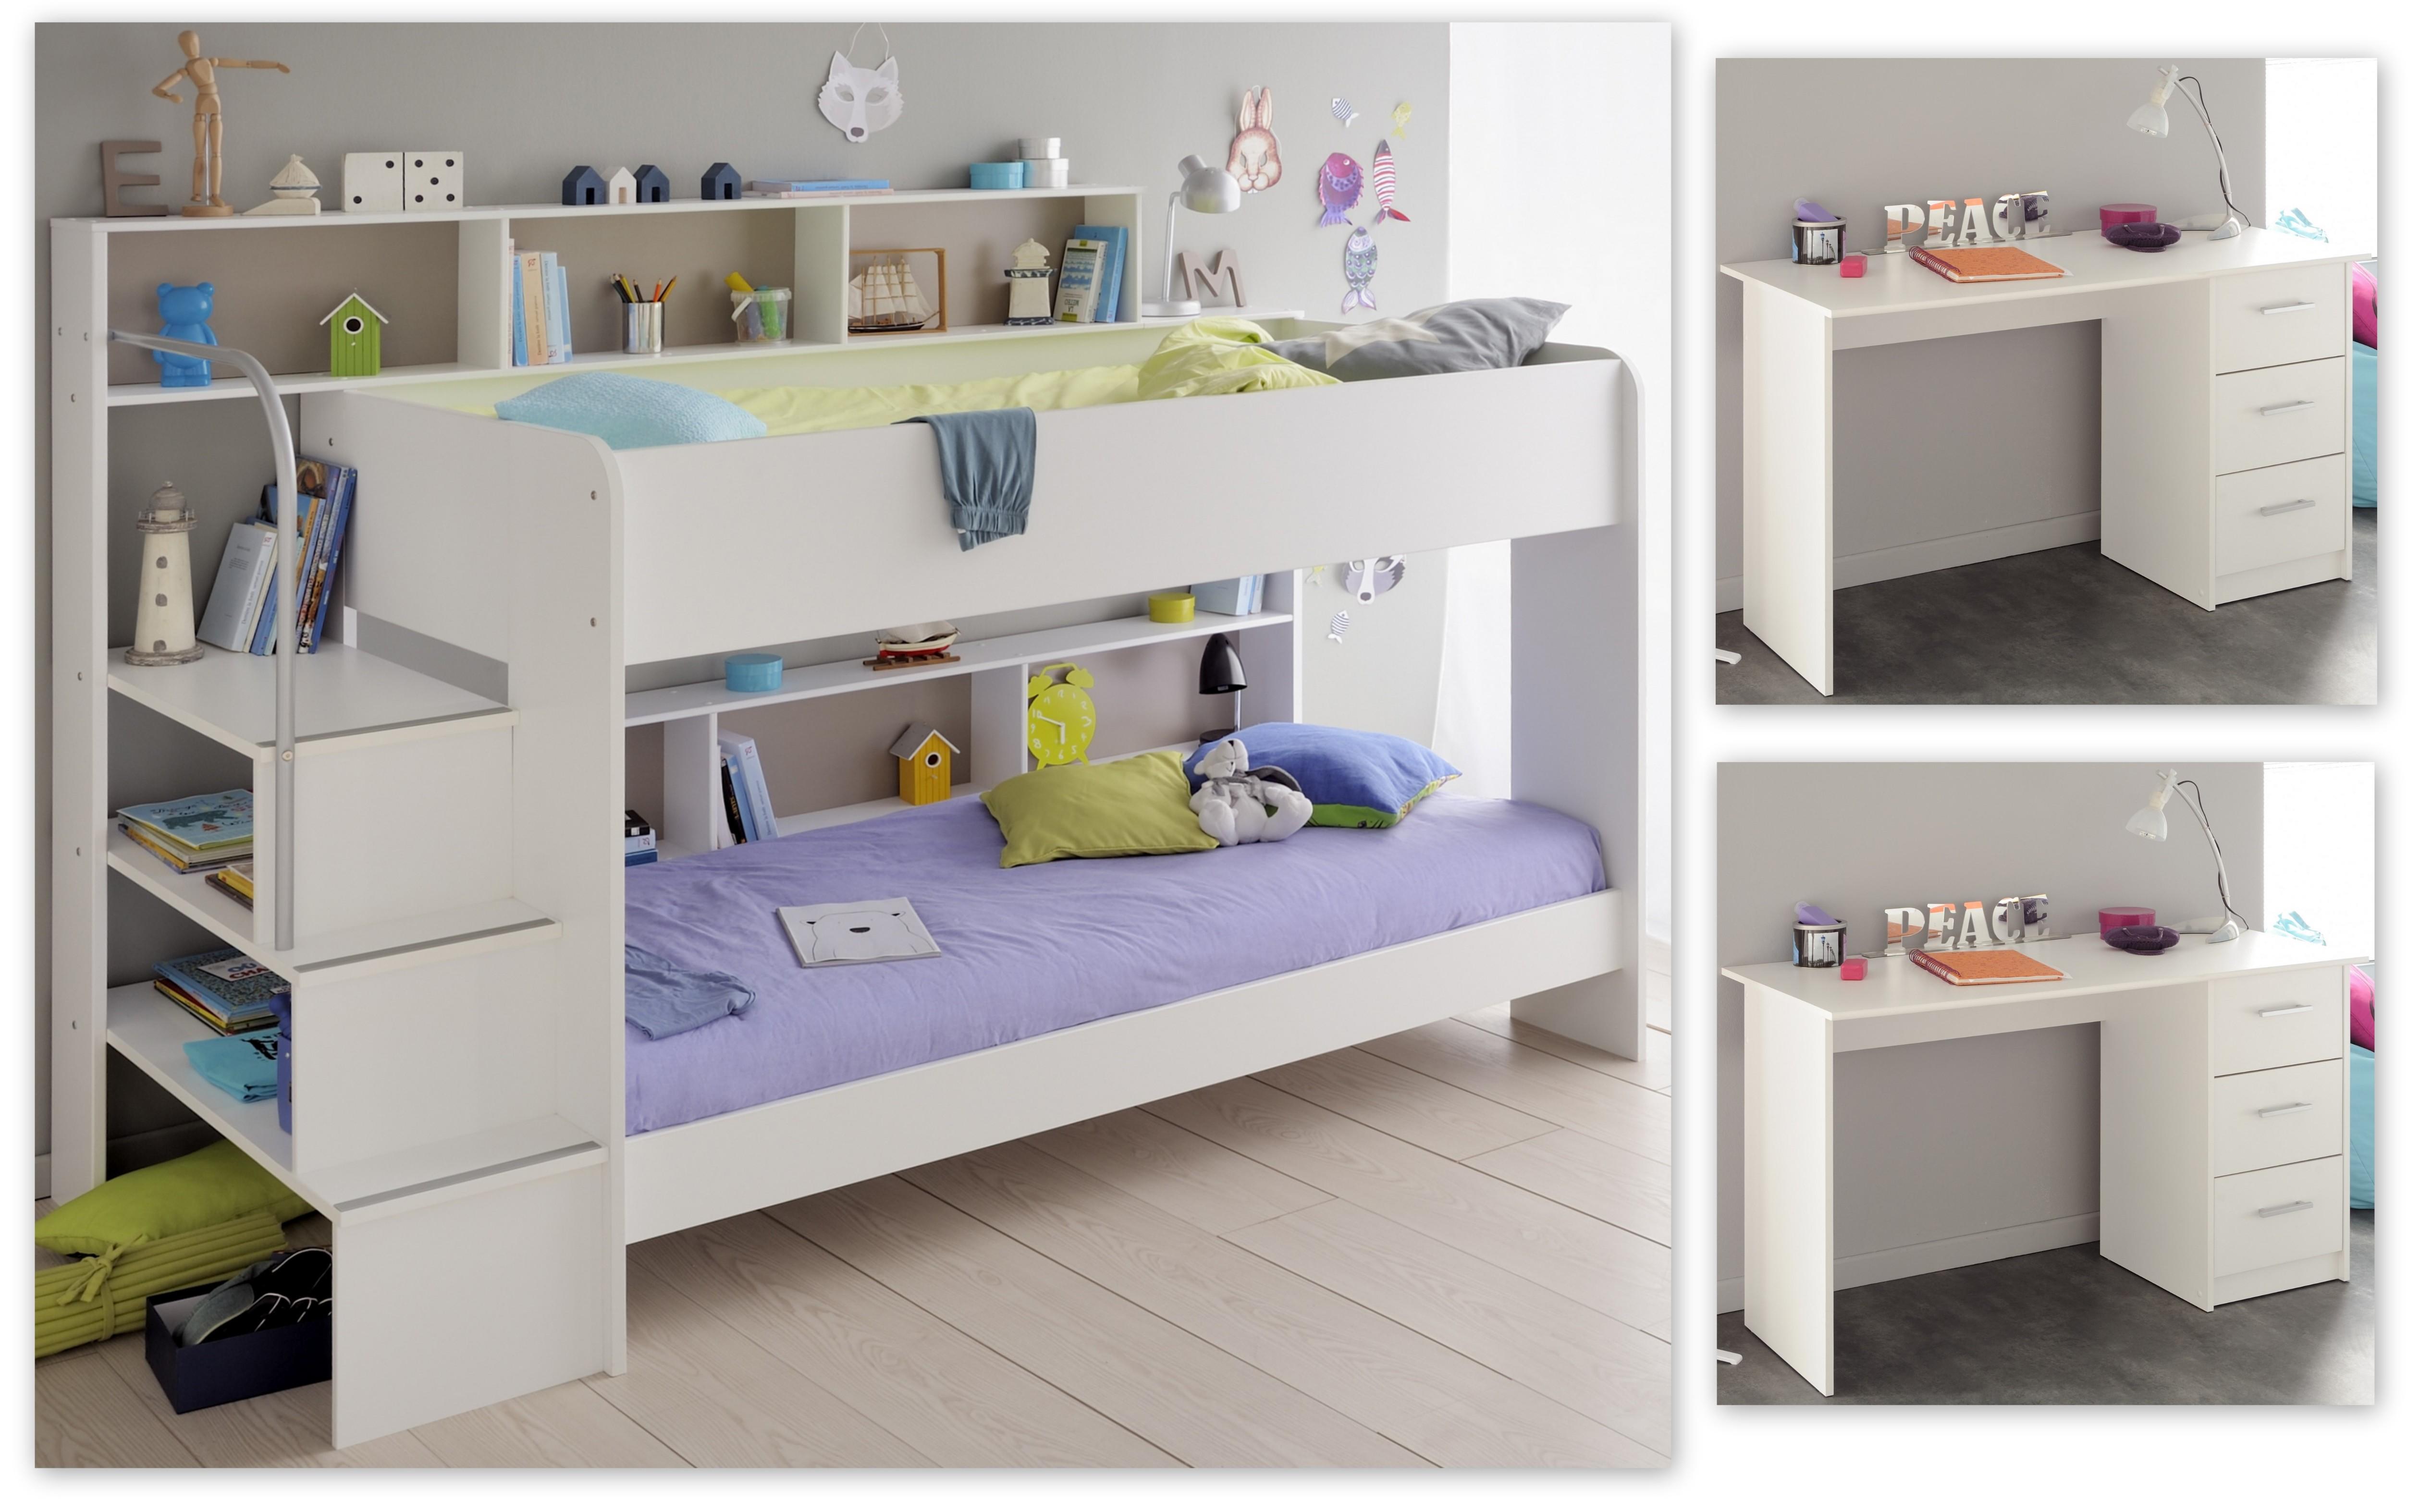 Etagenbett Bibop Gebraucht : Kinderzimmer set 3 tlg inkl 90x200 etagenbett u schreibtische 2er